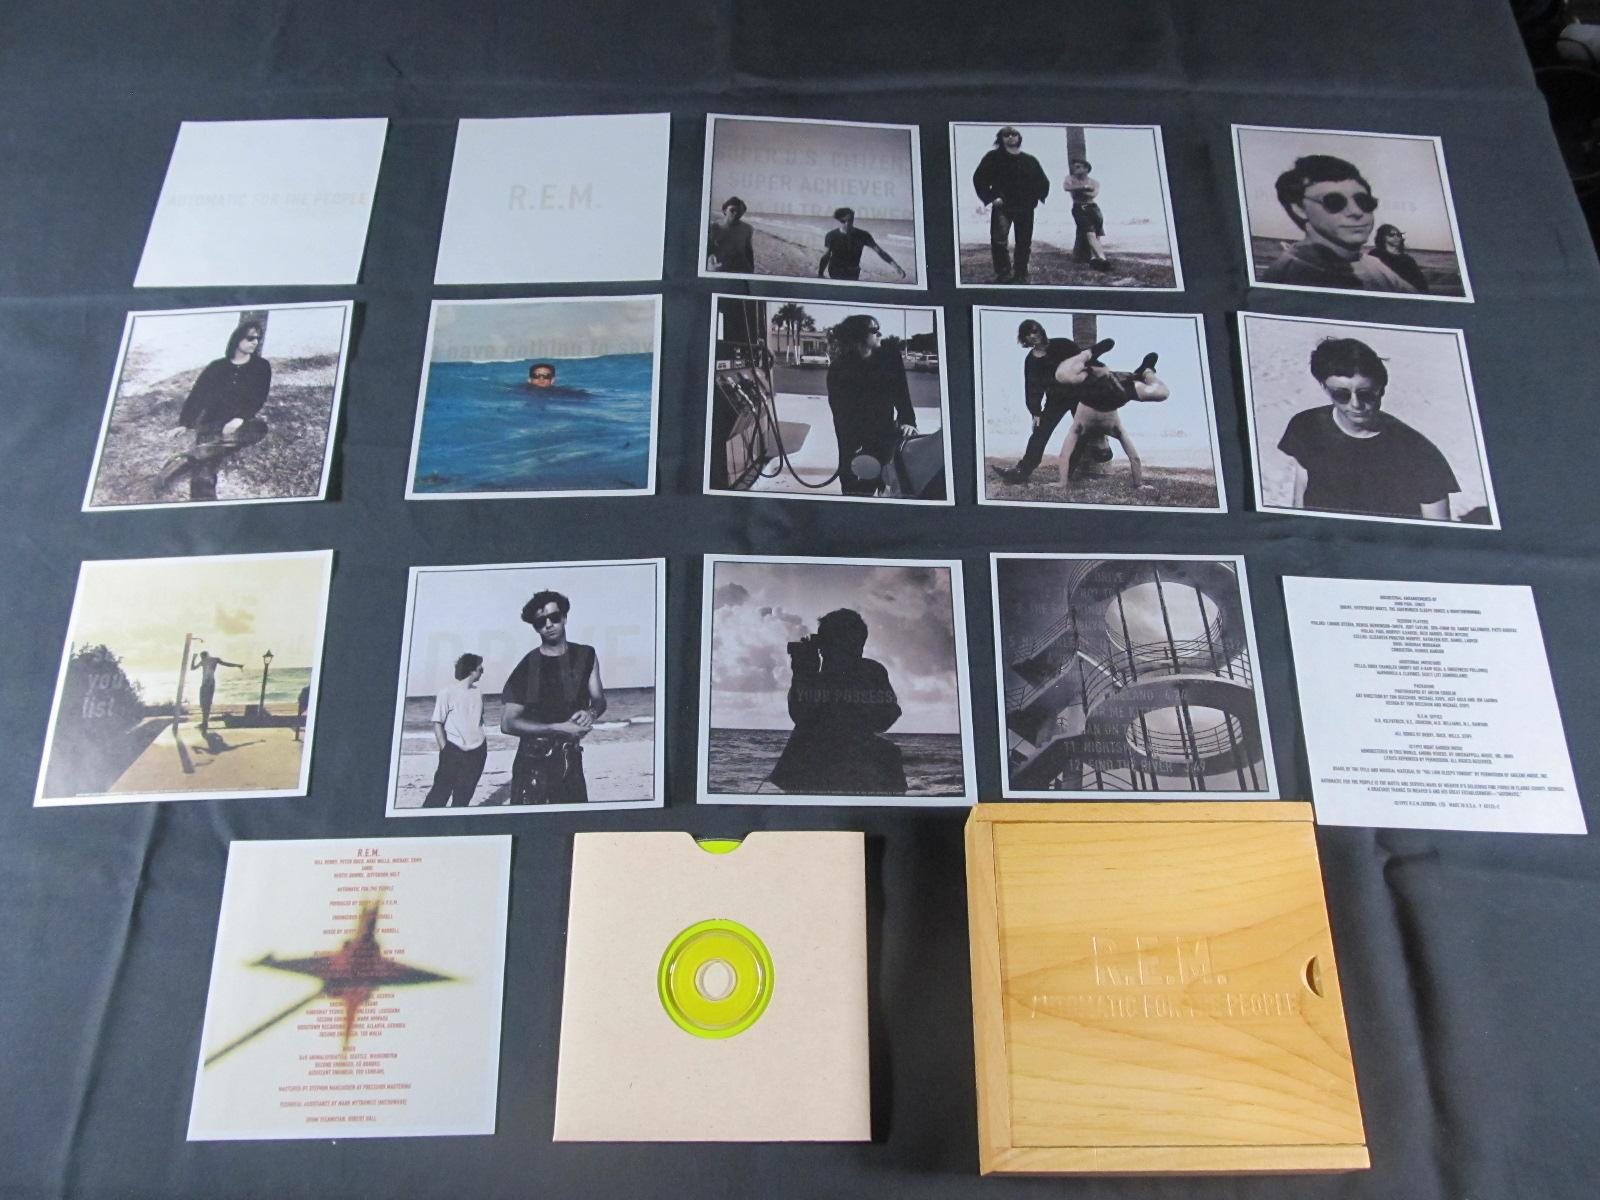 中古CD R.E.M.『AUTOMATIC FOR THE PEOPLE』/R.E.M. 『オートマティック・フォー・ザ・ピープル』画像